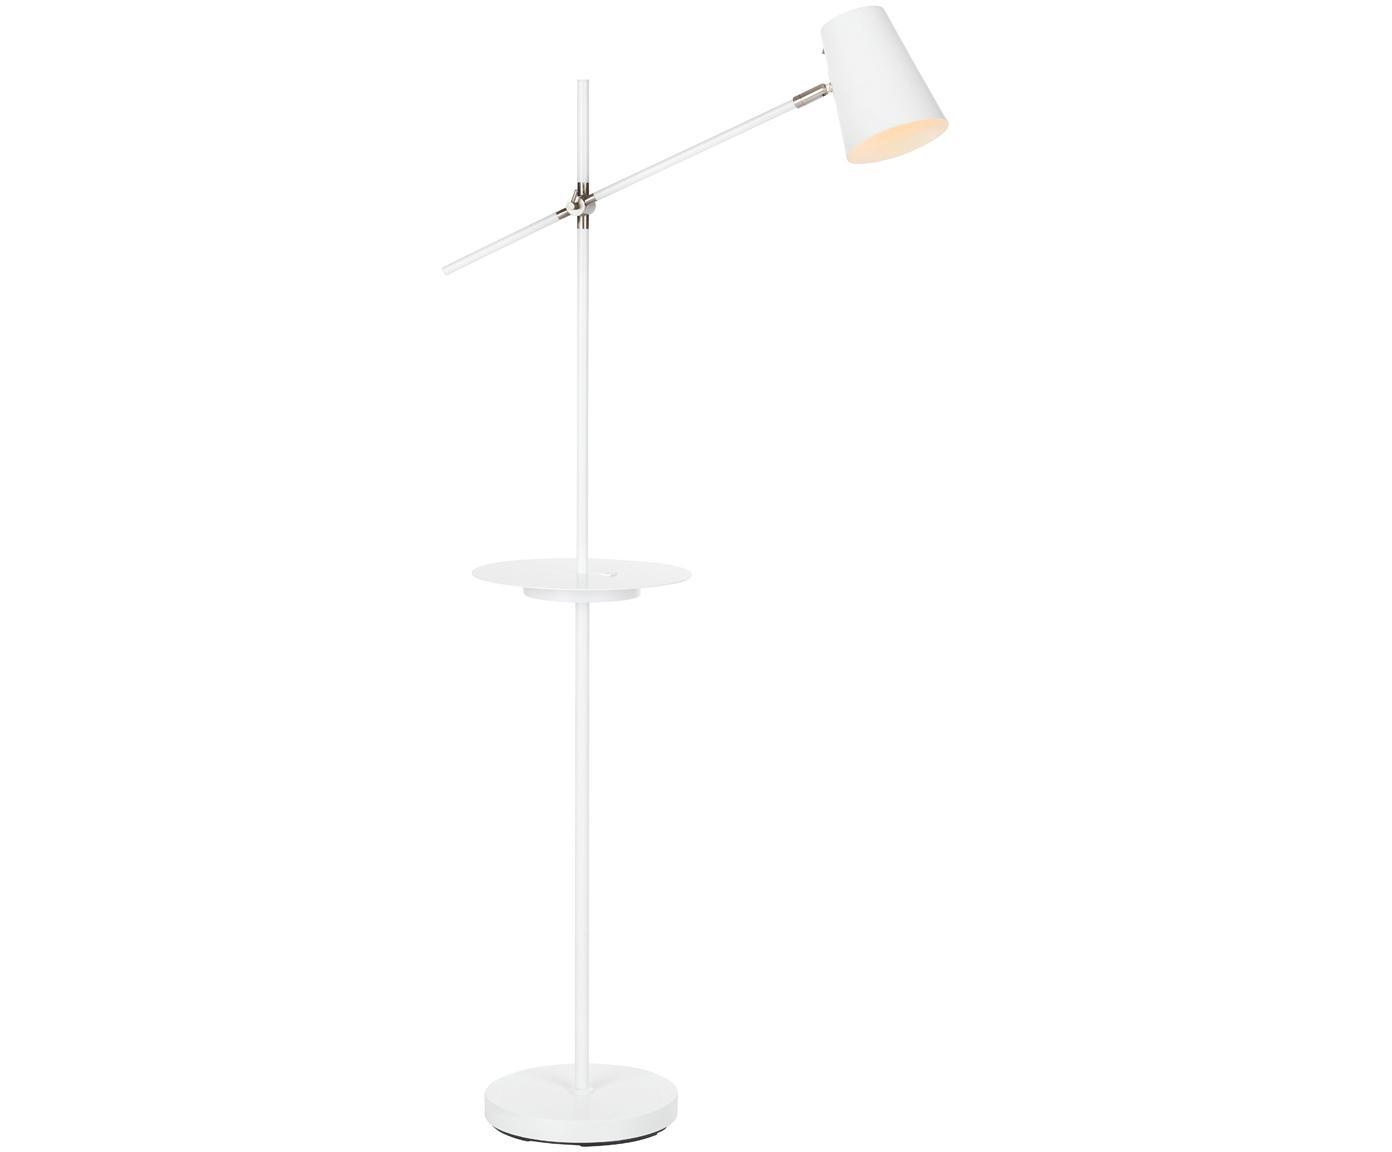 Lampa podłogowa z półką i portem USB Linear, Biały, S 28 x W 144 cm